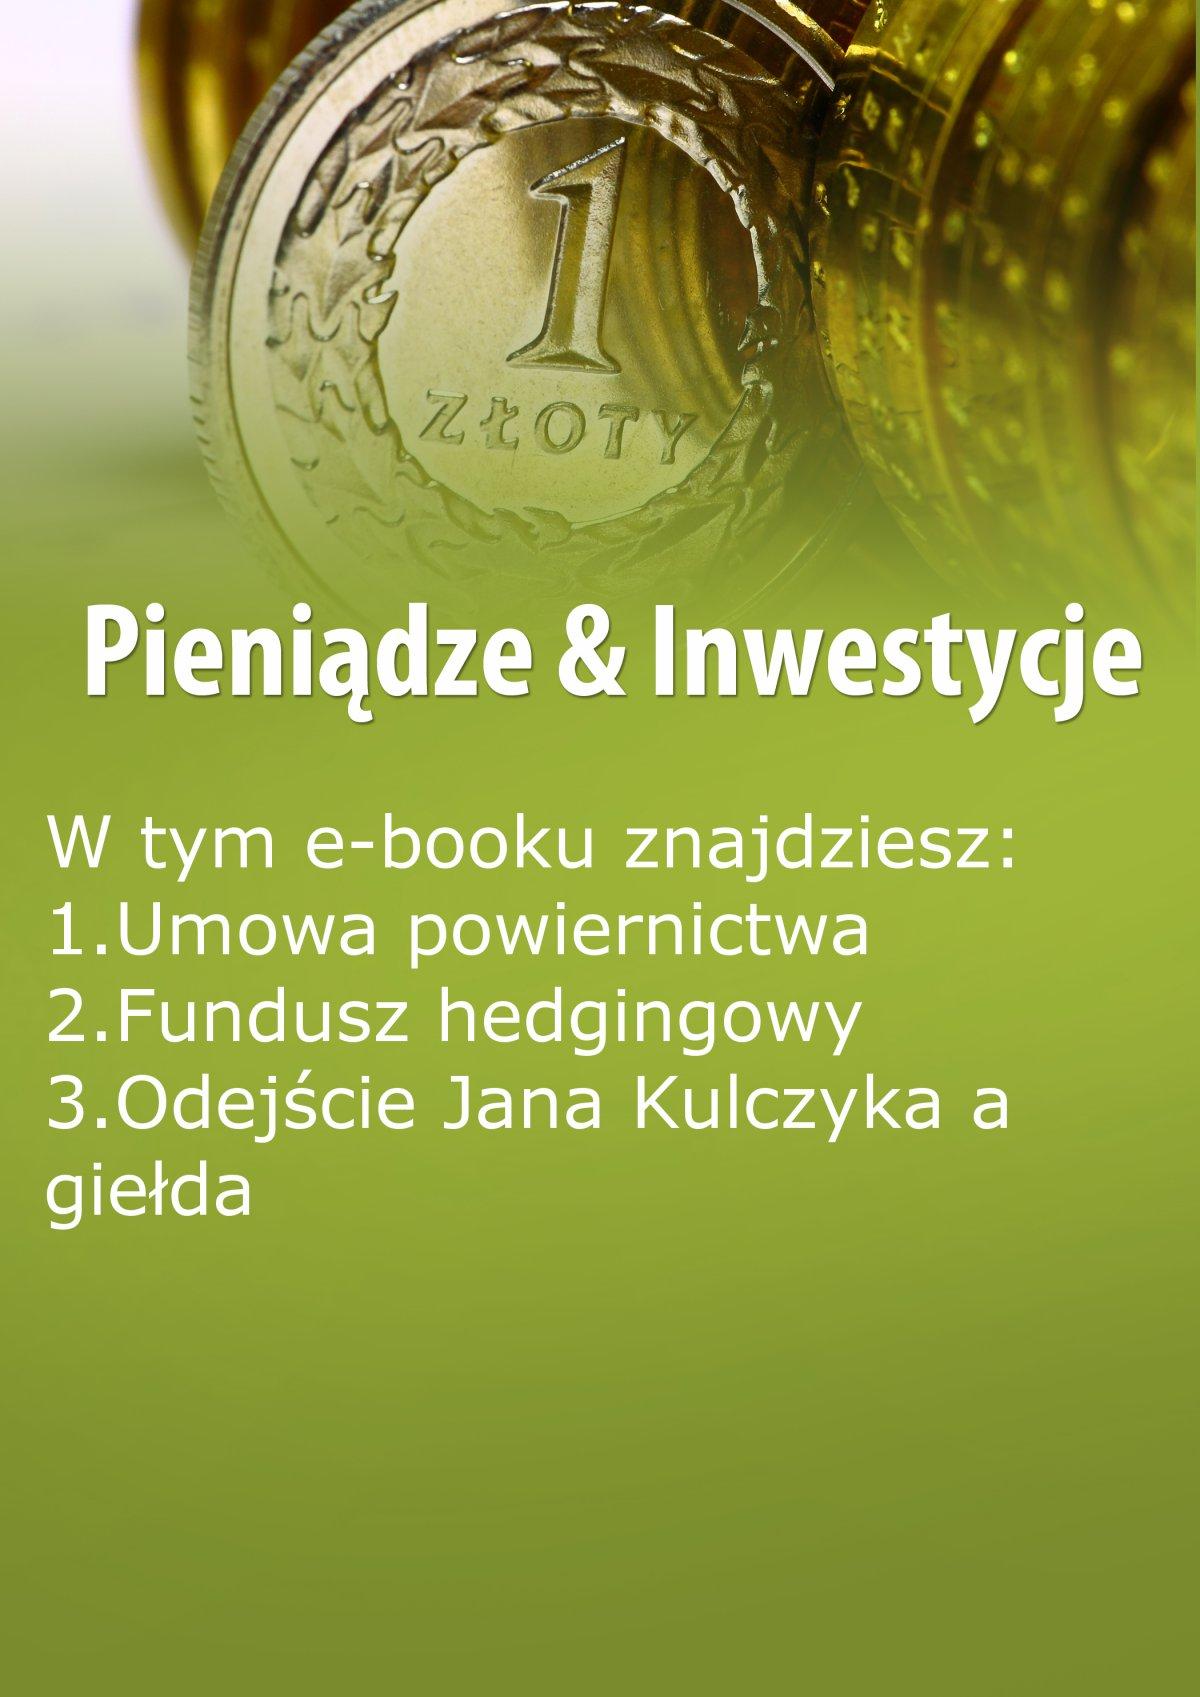 Pieniądze & Inwestycje, wydanie wrzesień 2015 r. Część I - Ebook (Książka EPUB) do pobrania w formacie EPUB